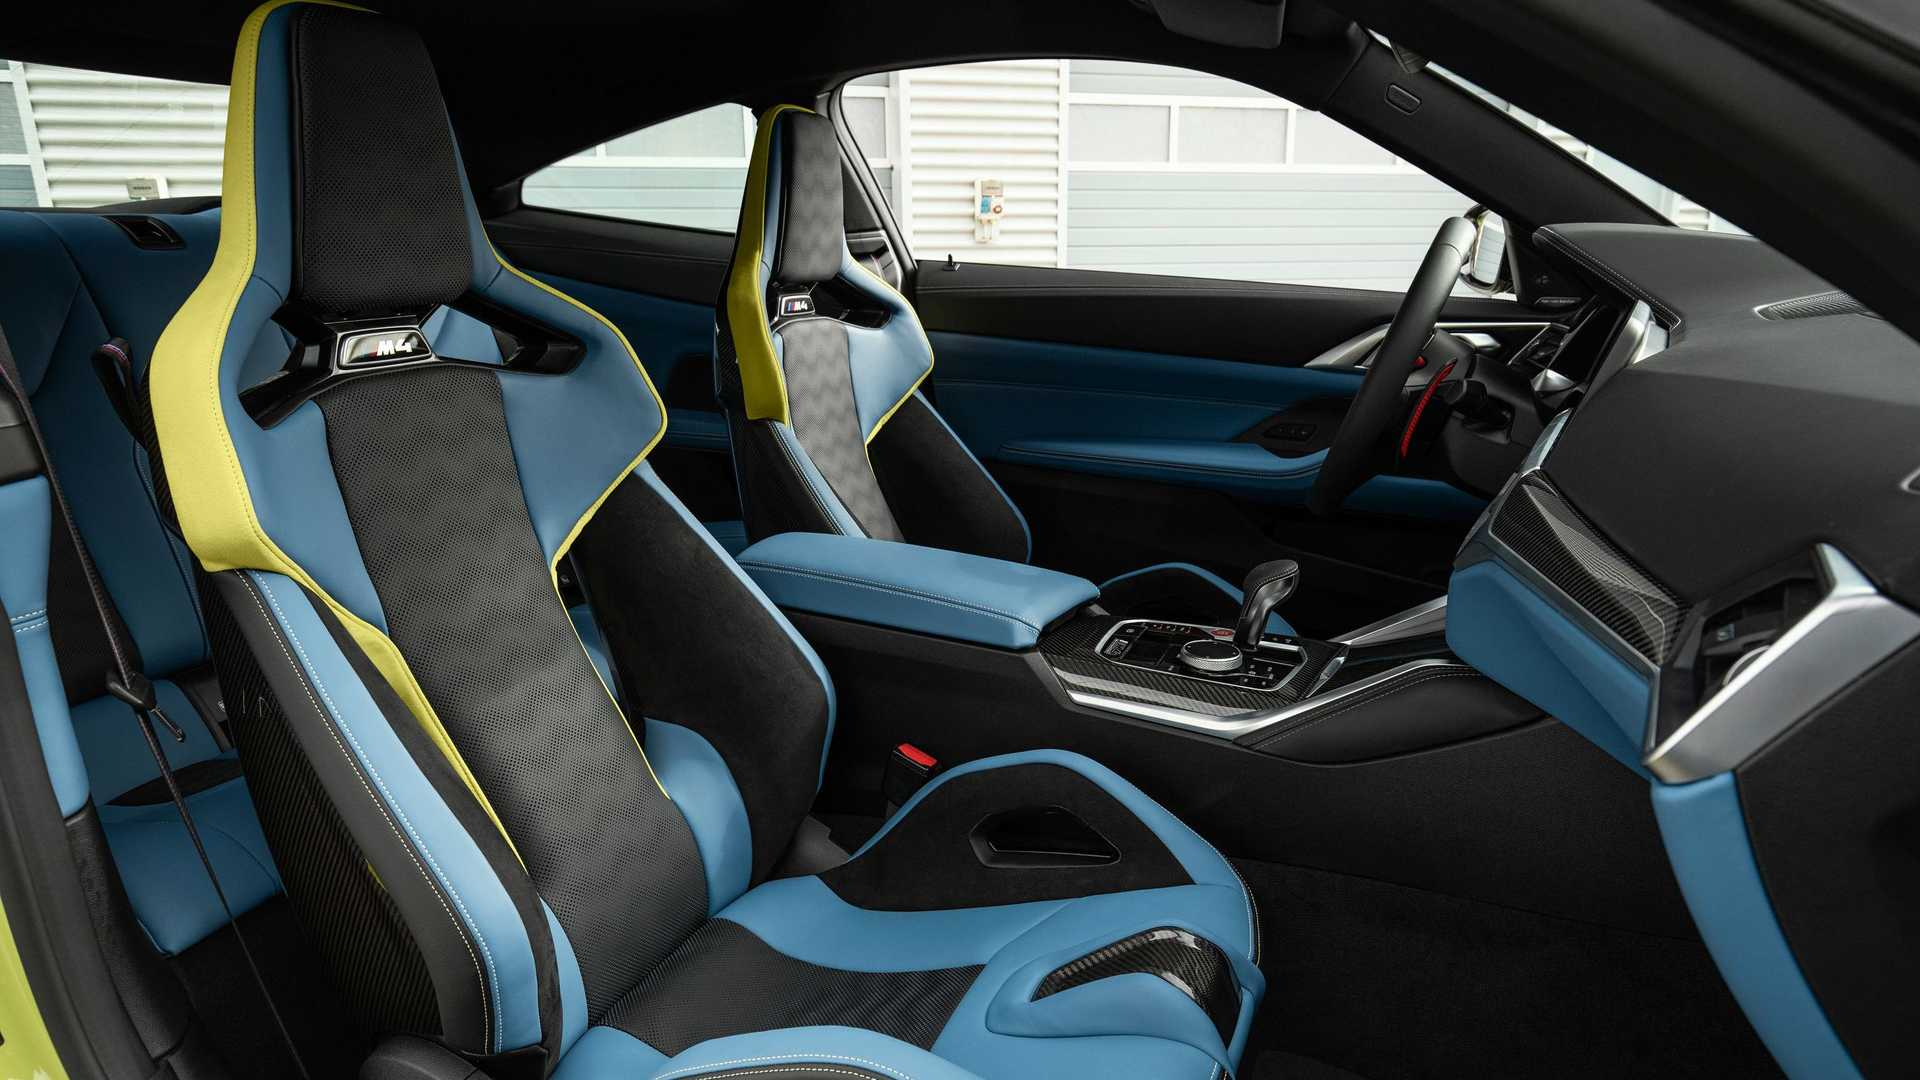 2021 BMW M4 Cabin